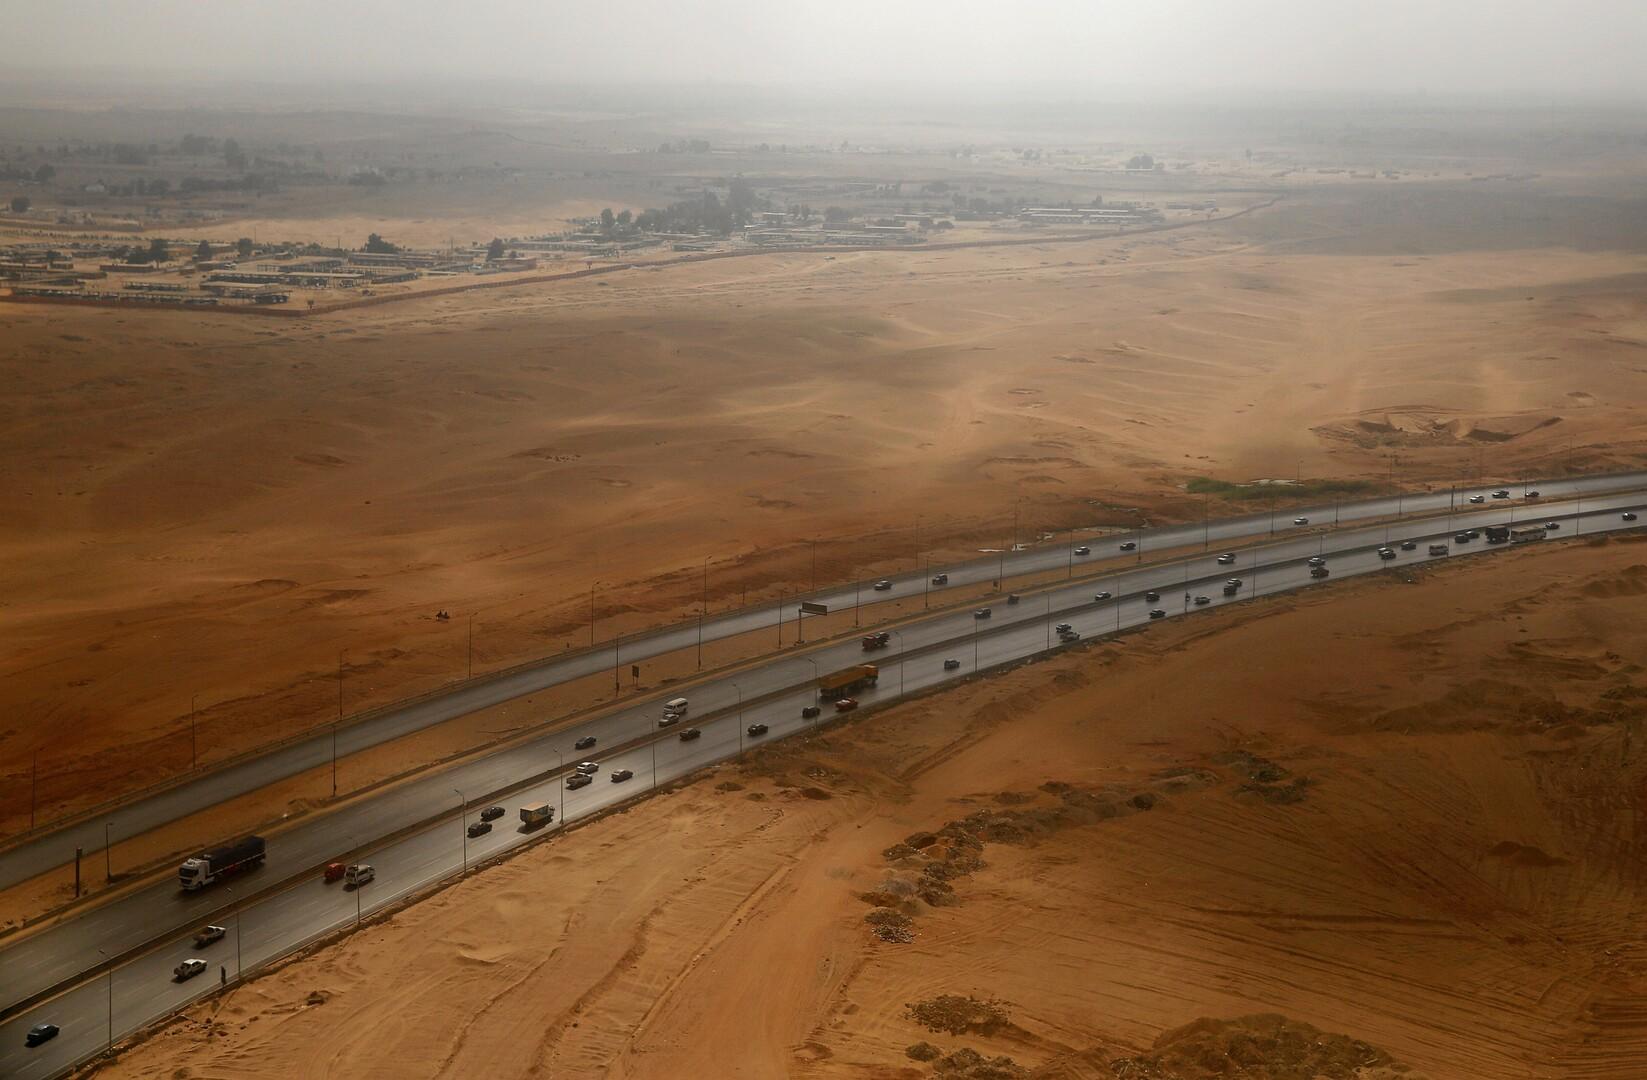 مصر.. مواصفات جديدة للمركبات المسموح لها بالسير على الطرق